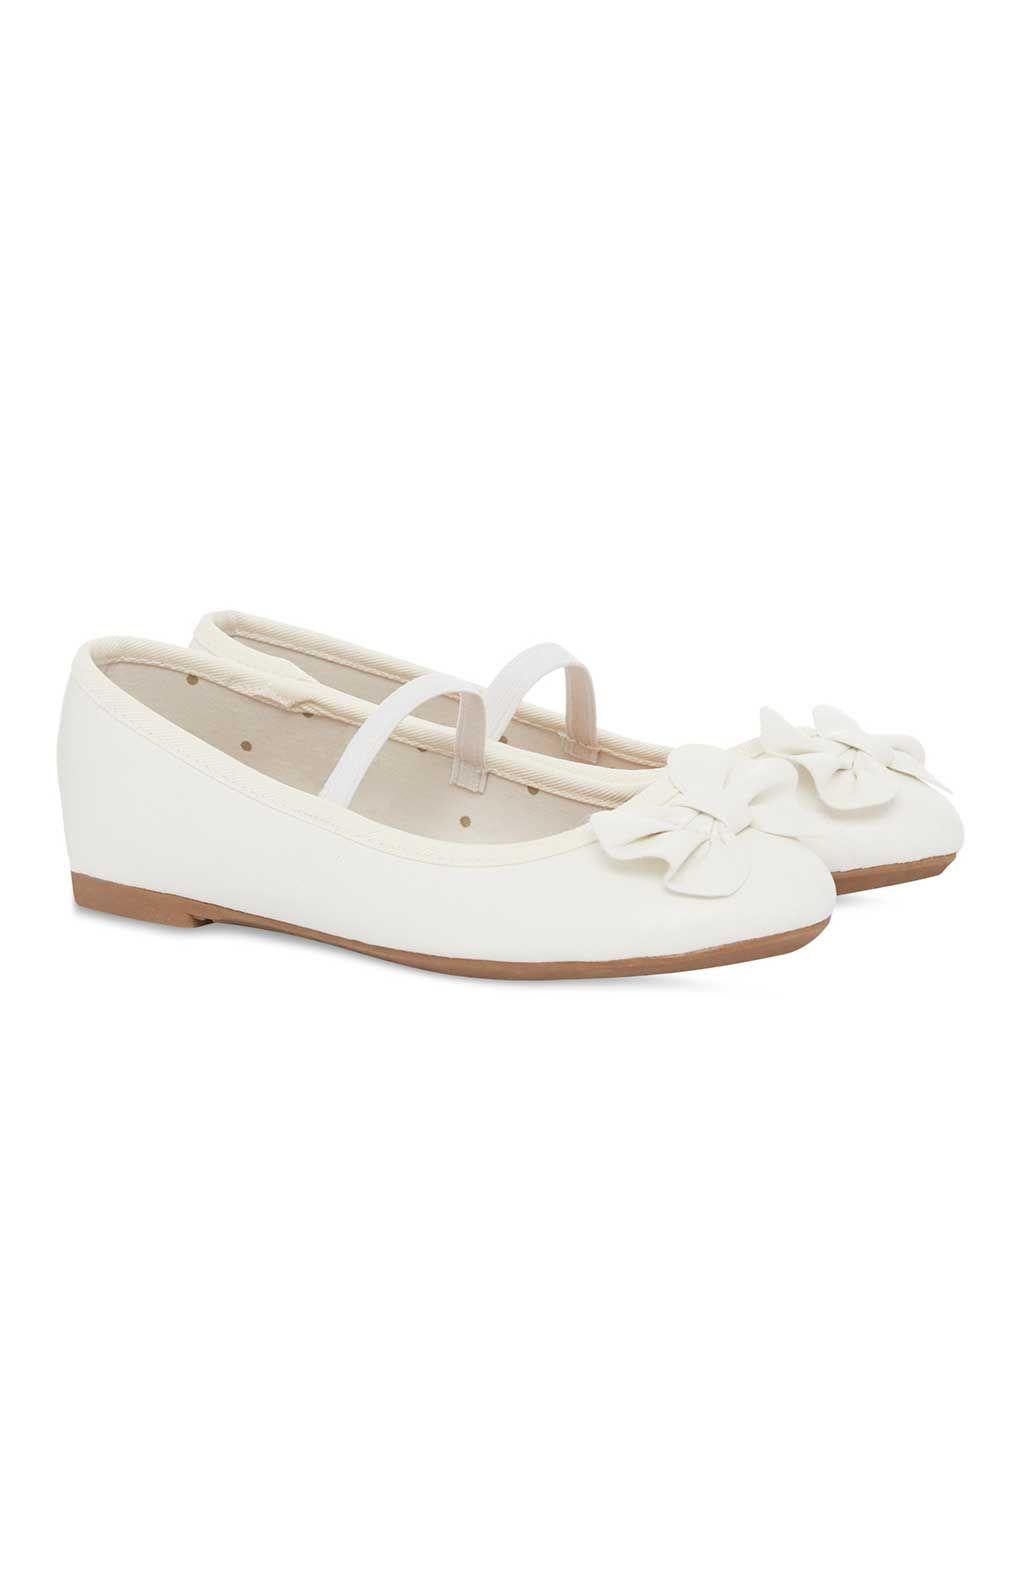 Niñas Comunión De Zapatos De Zapatos Comunión Niñas Para De Zapatos Para Para Comunión 3Aj5L4R